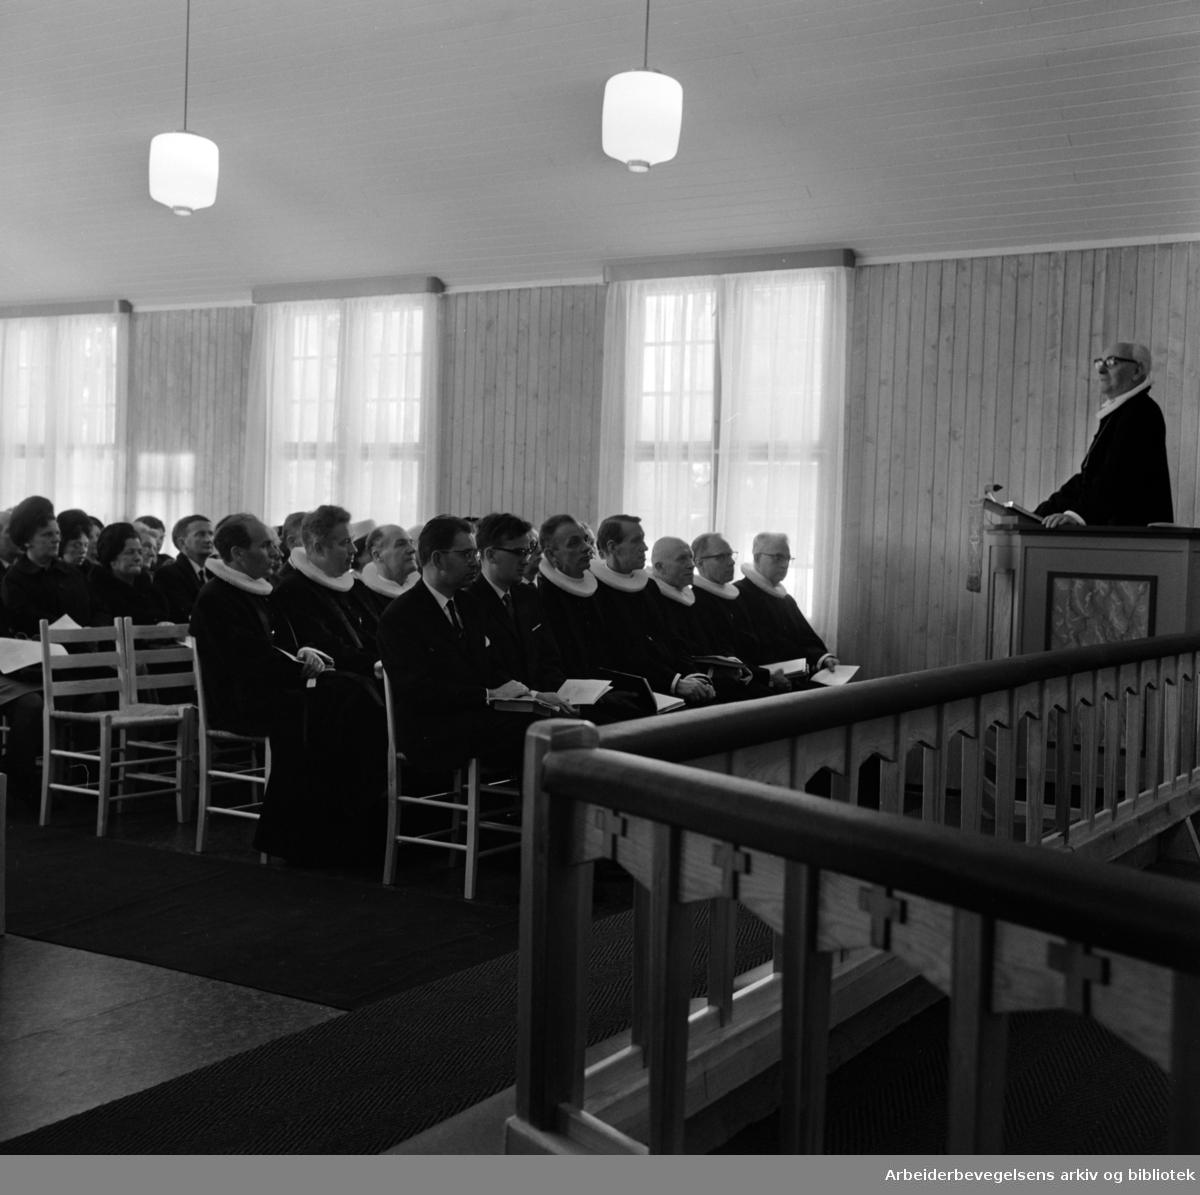 Prinsdal. Interimskirke for Prinsdal og Hauketo innvidd..På prekestolen står biskop Johannes Smemo. Desember 1966